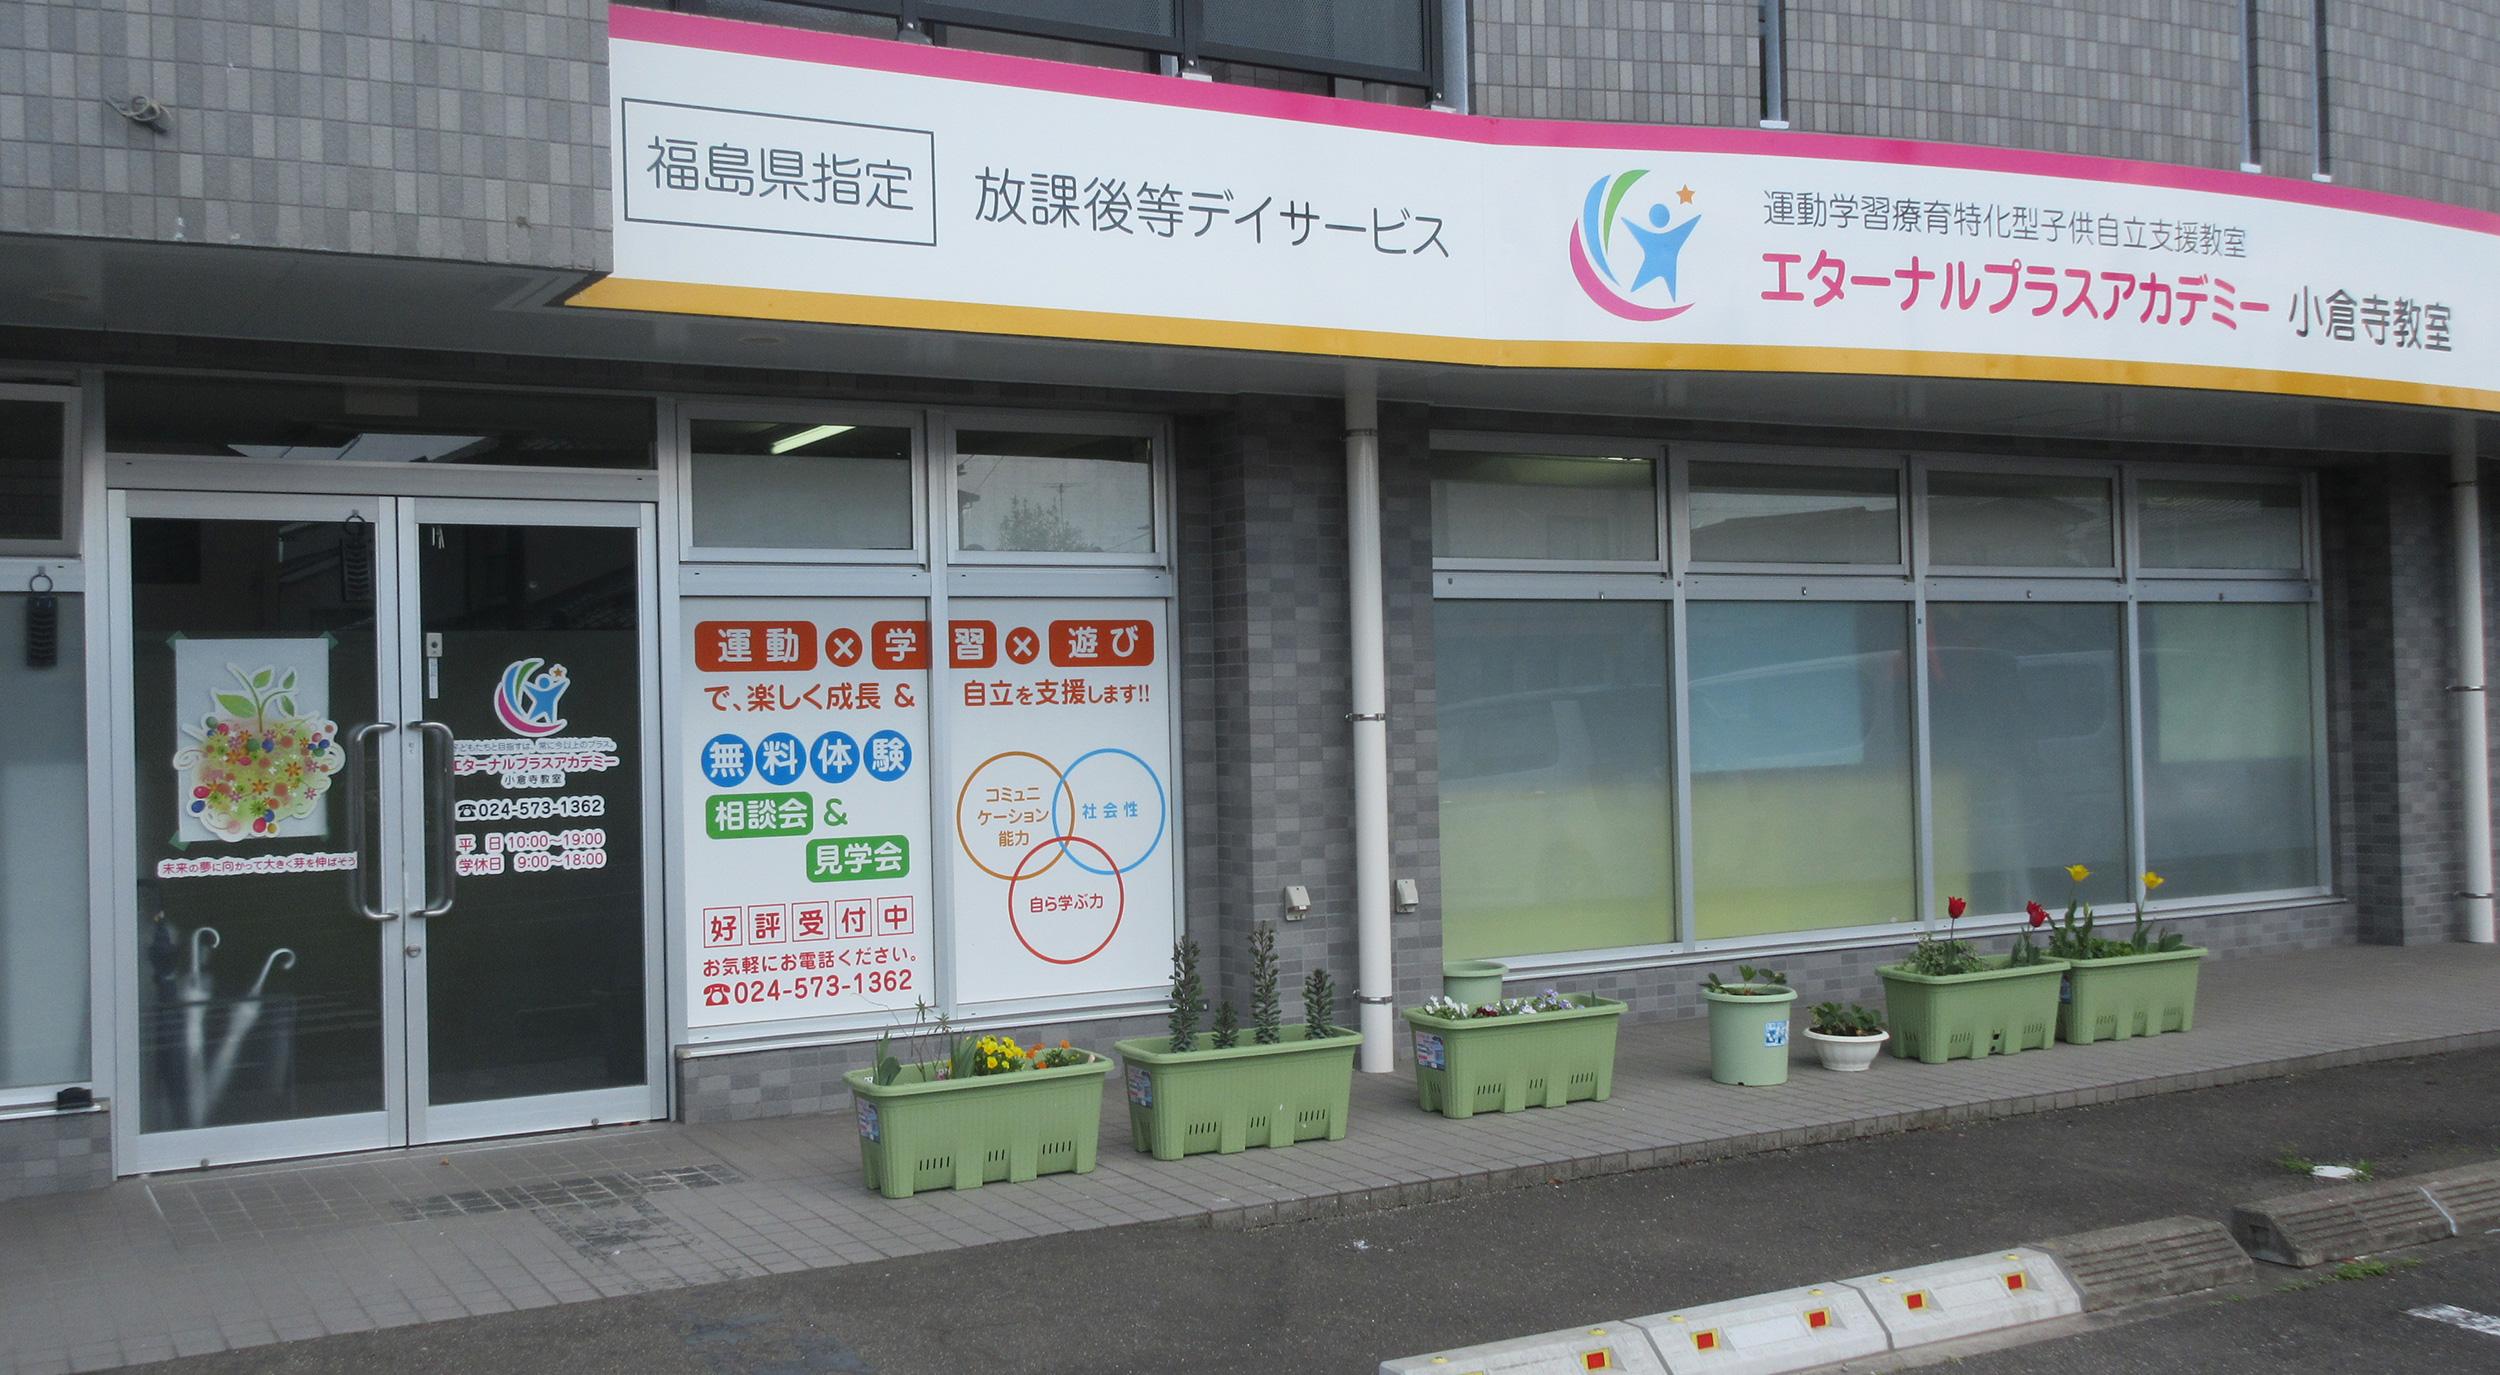 エターナルプラスアカデミー福島小倉寺教室